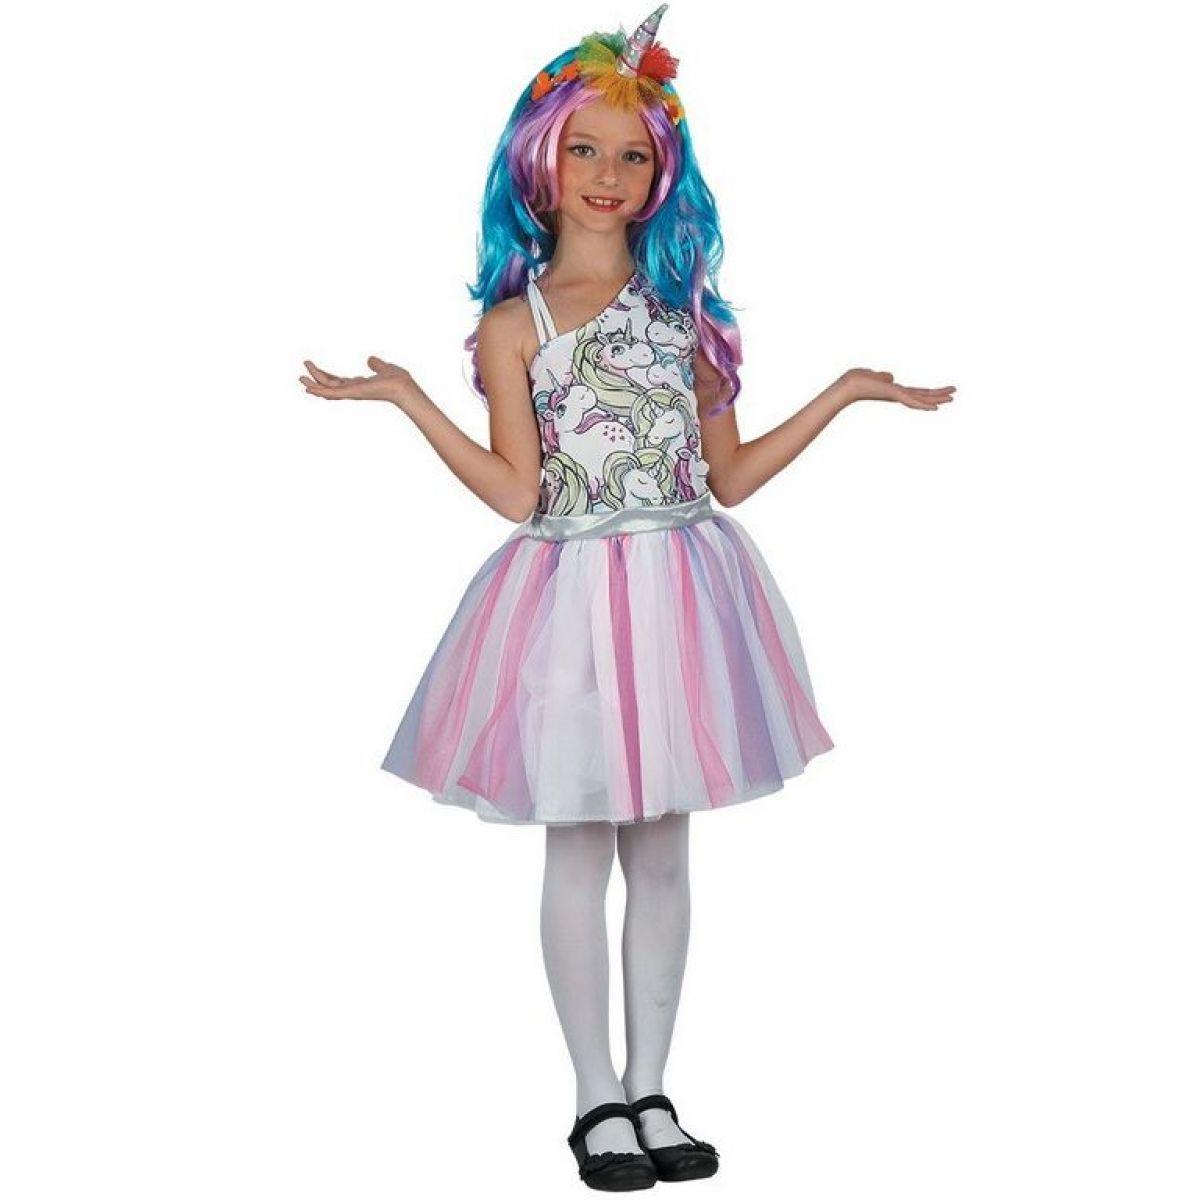 Dětské šaty na karneval jednorožec 120 - 130 cm